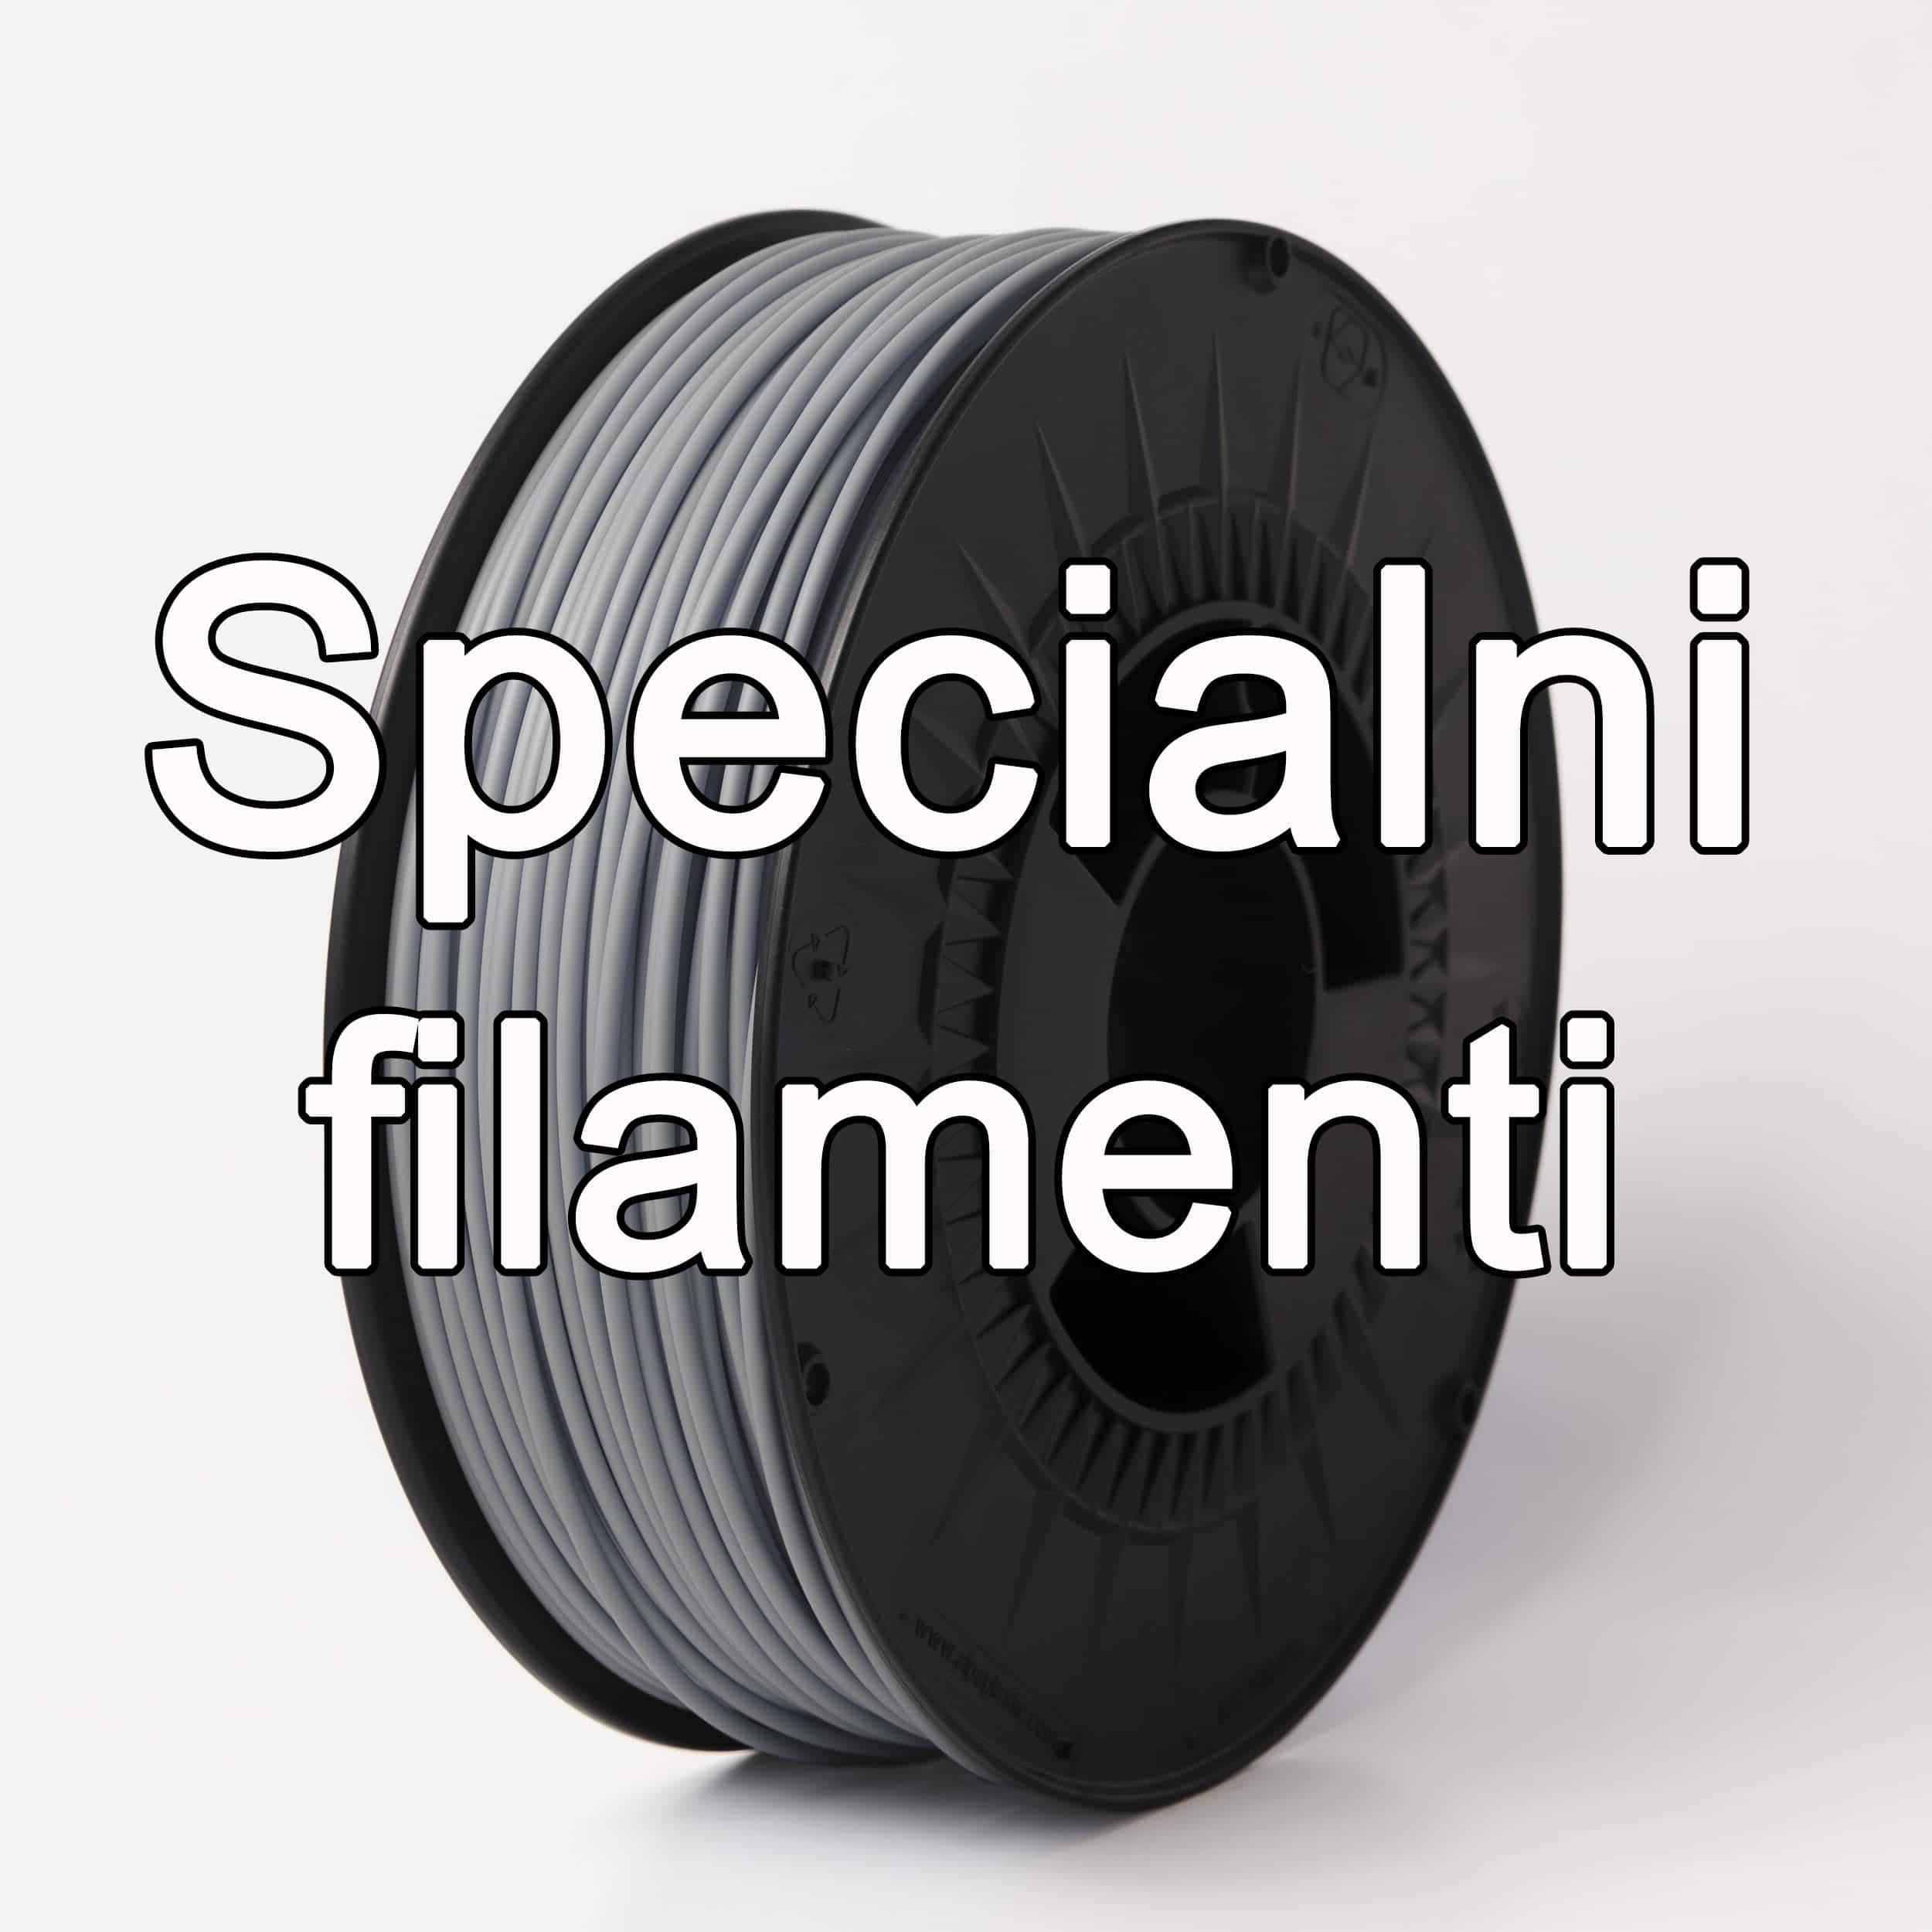 Special filament